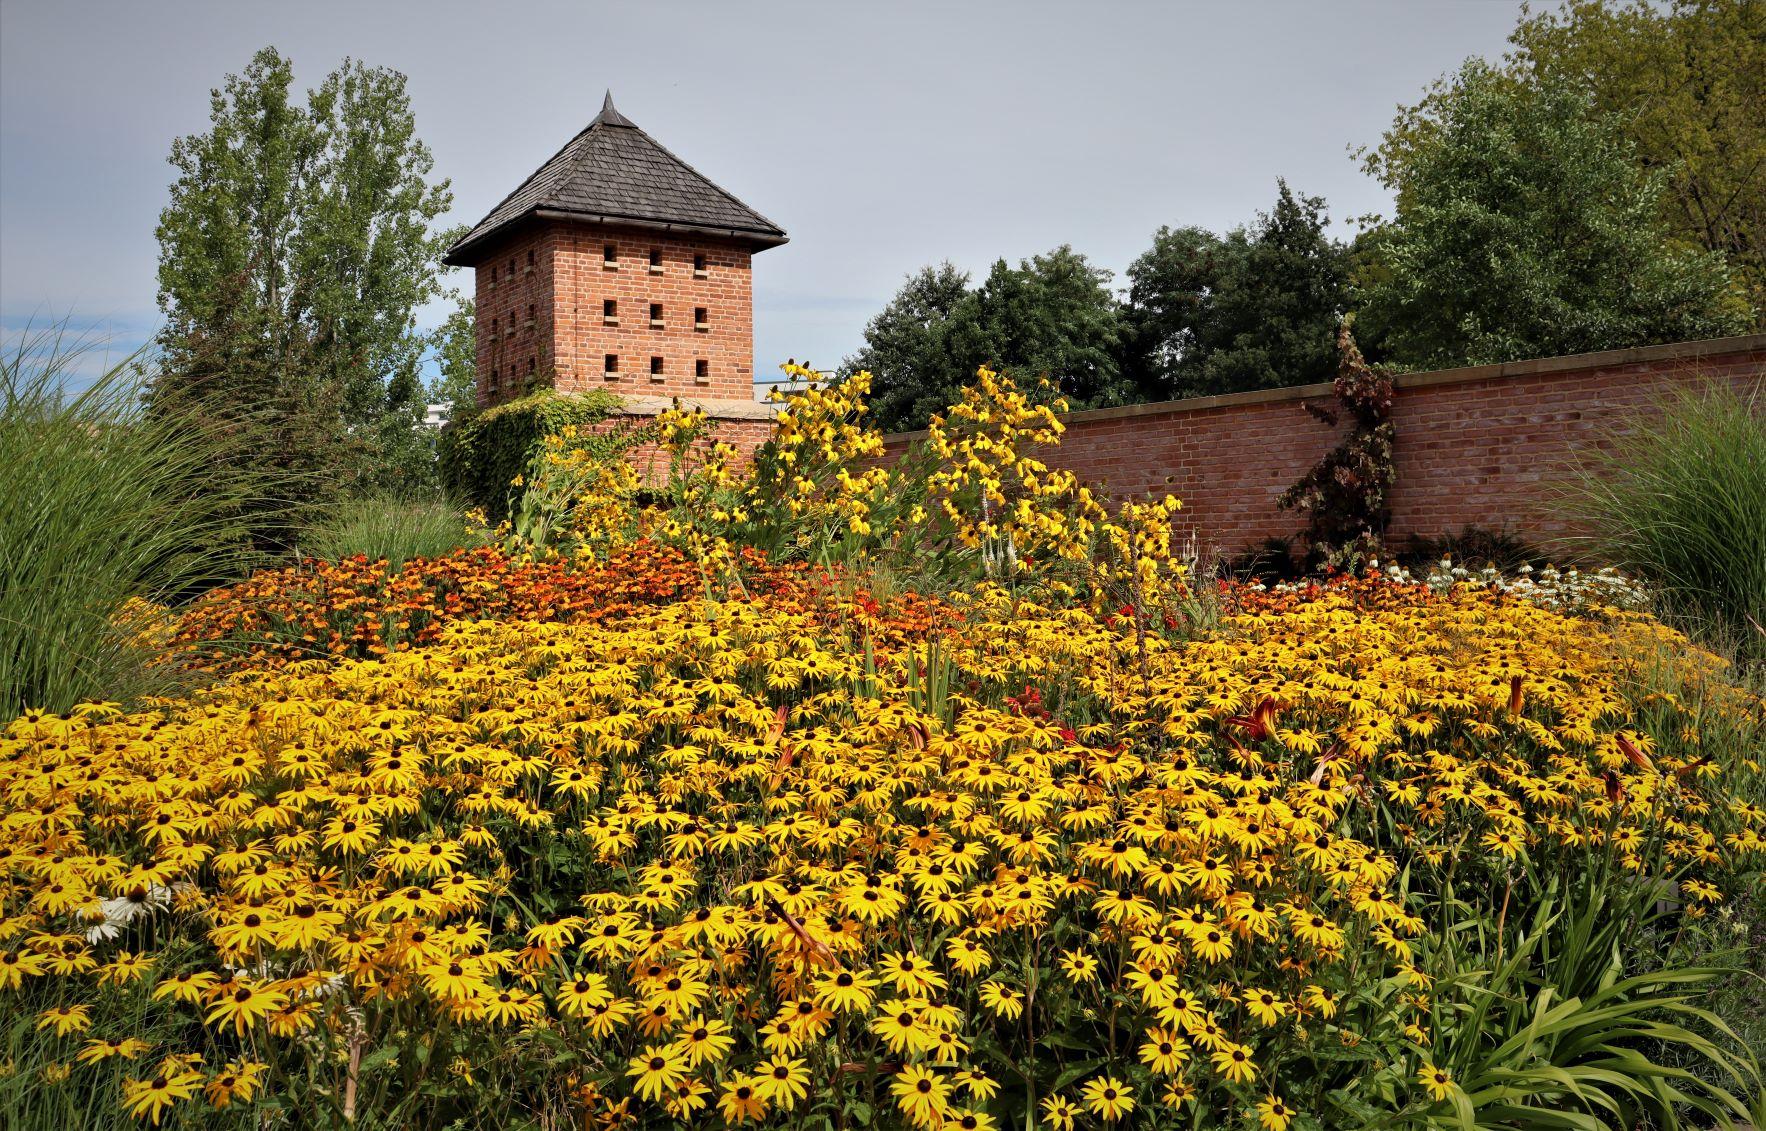 Wetter Mahlsdorf